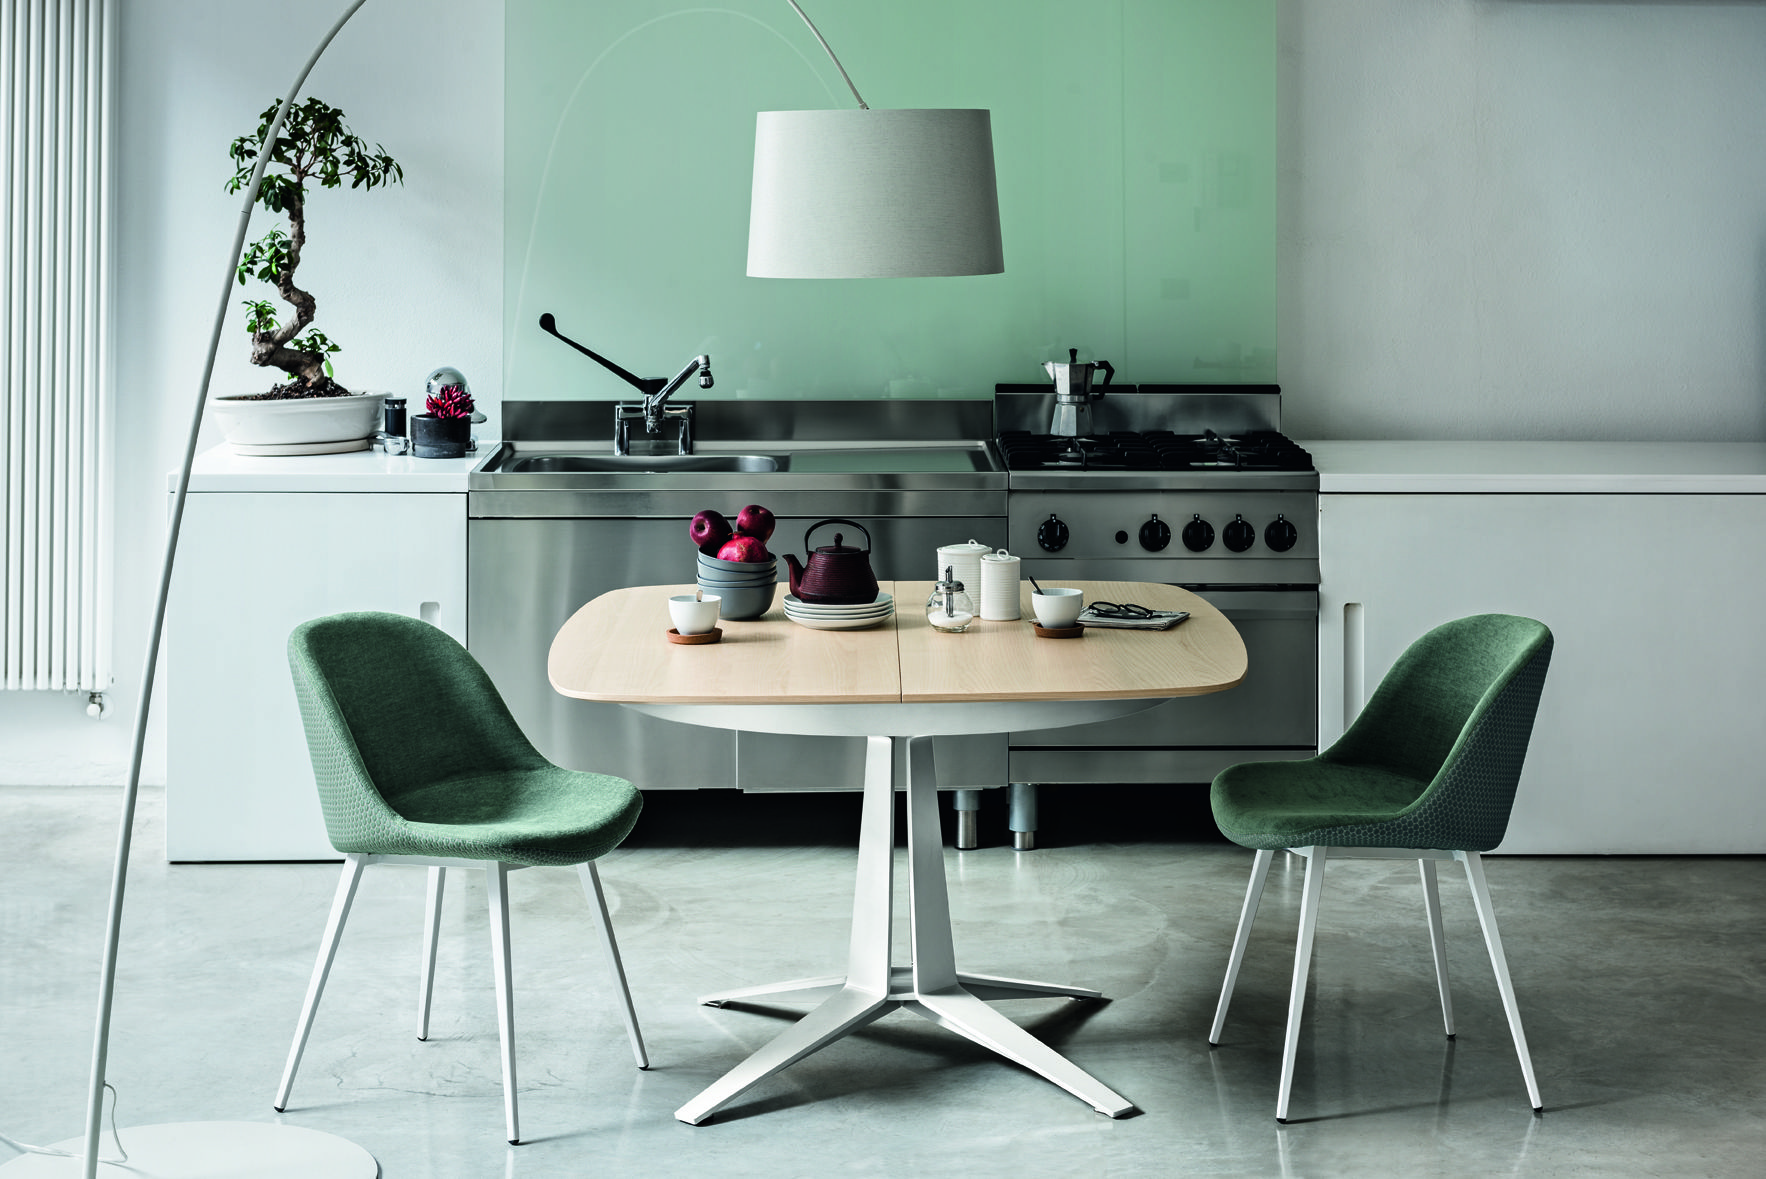 Sonny milano by smellink interiors eetkamer keuken inspiratie